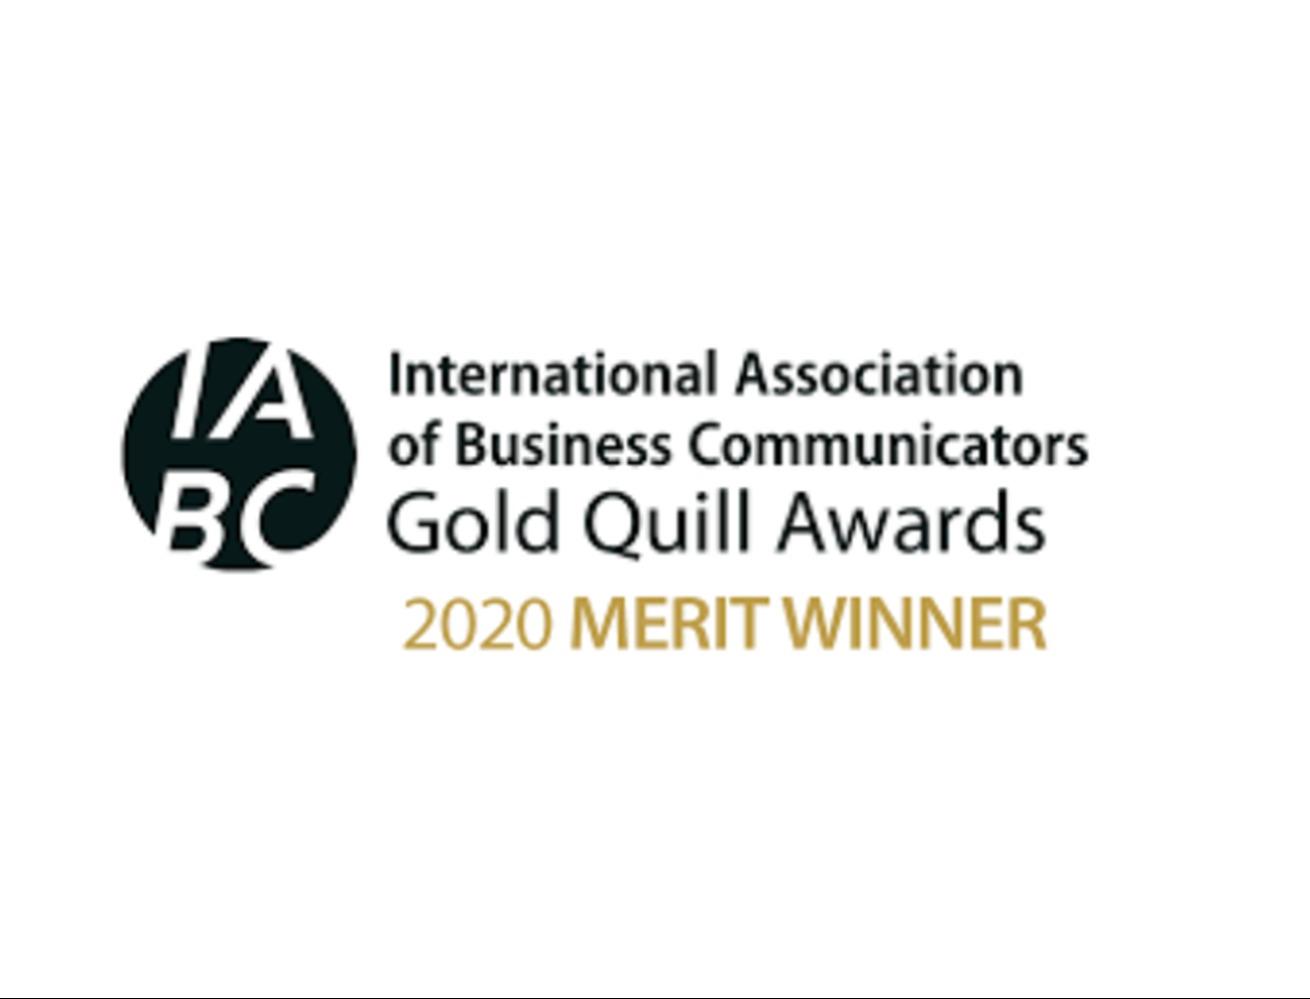 IABC 2020 Gold Quill Winner